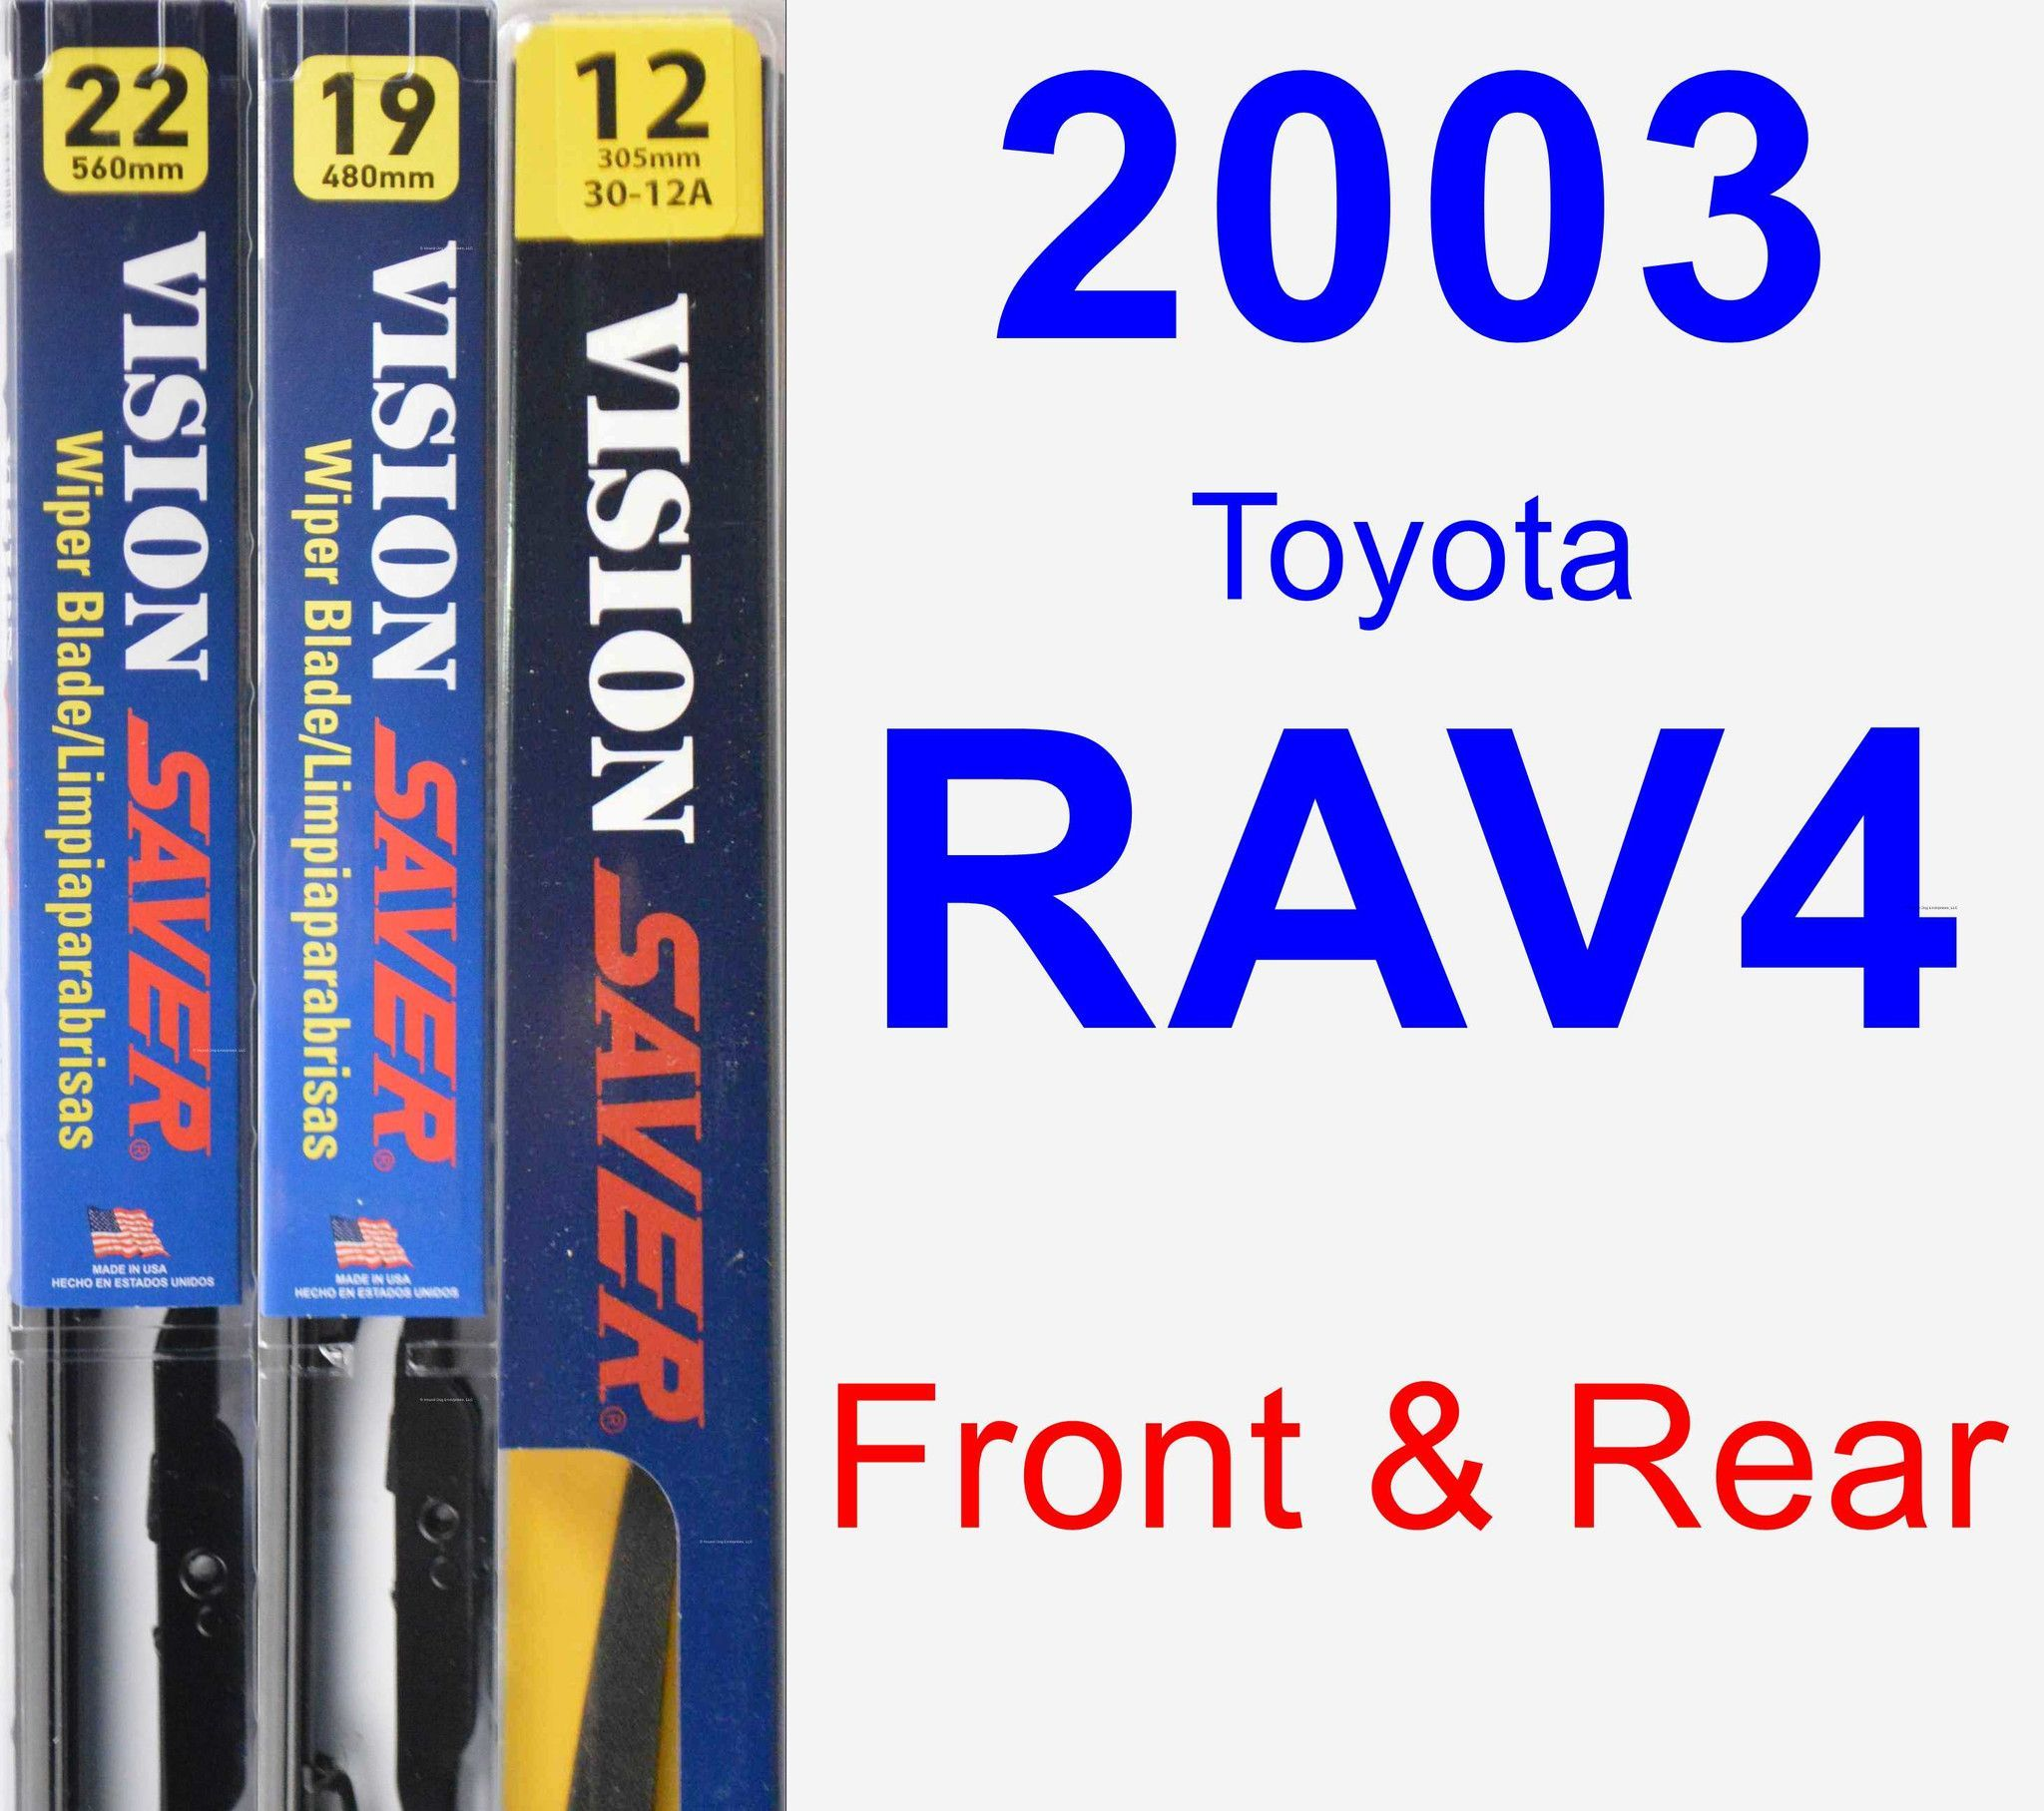 Front & Rear Wiper Blade Pack For 2003 Toyota RAV4